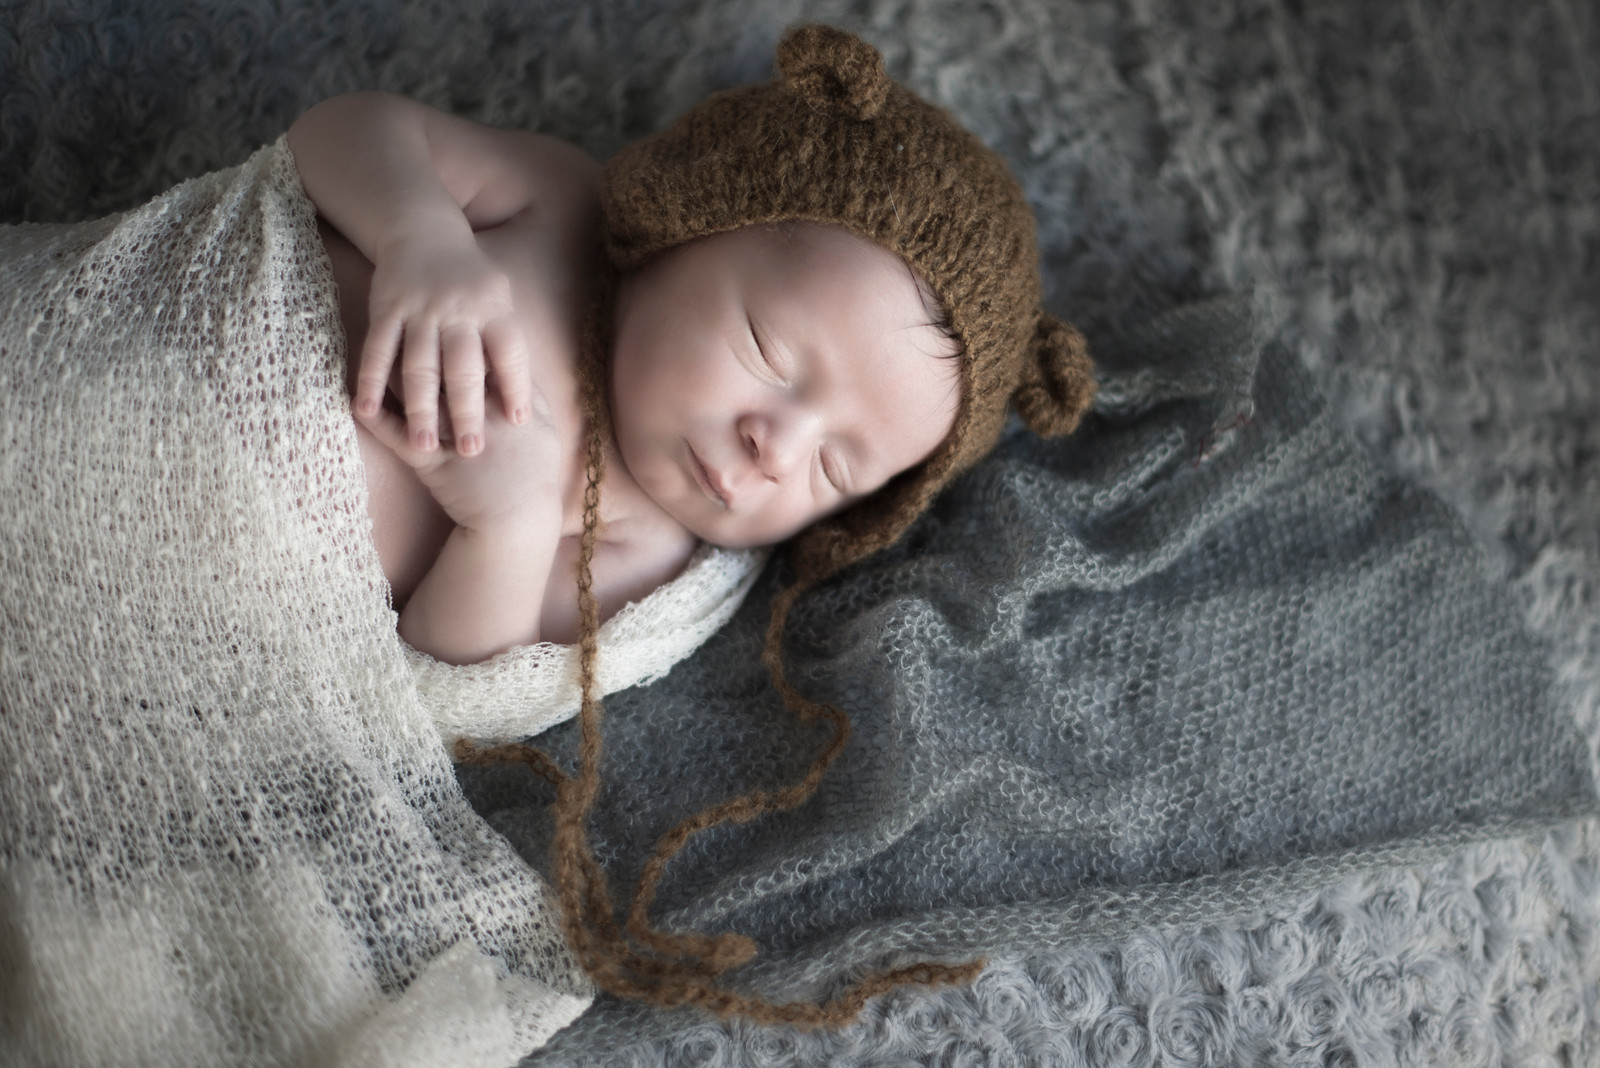 f3aa539906141 bebe qui dort avec son bonnet ourson marron photographe bébé nouveau-né  naissance